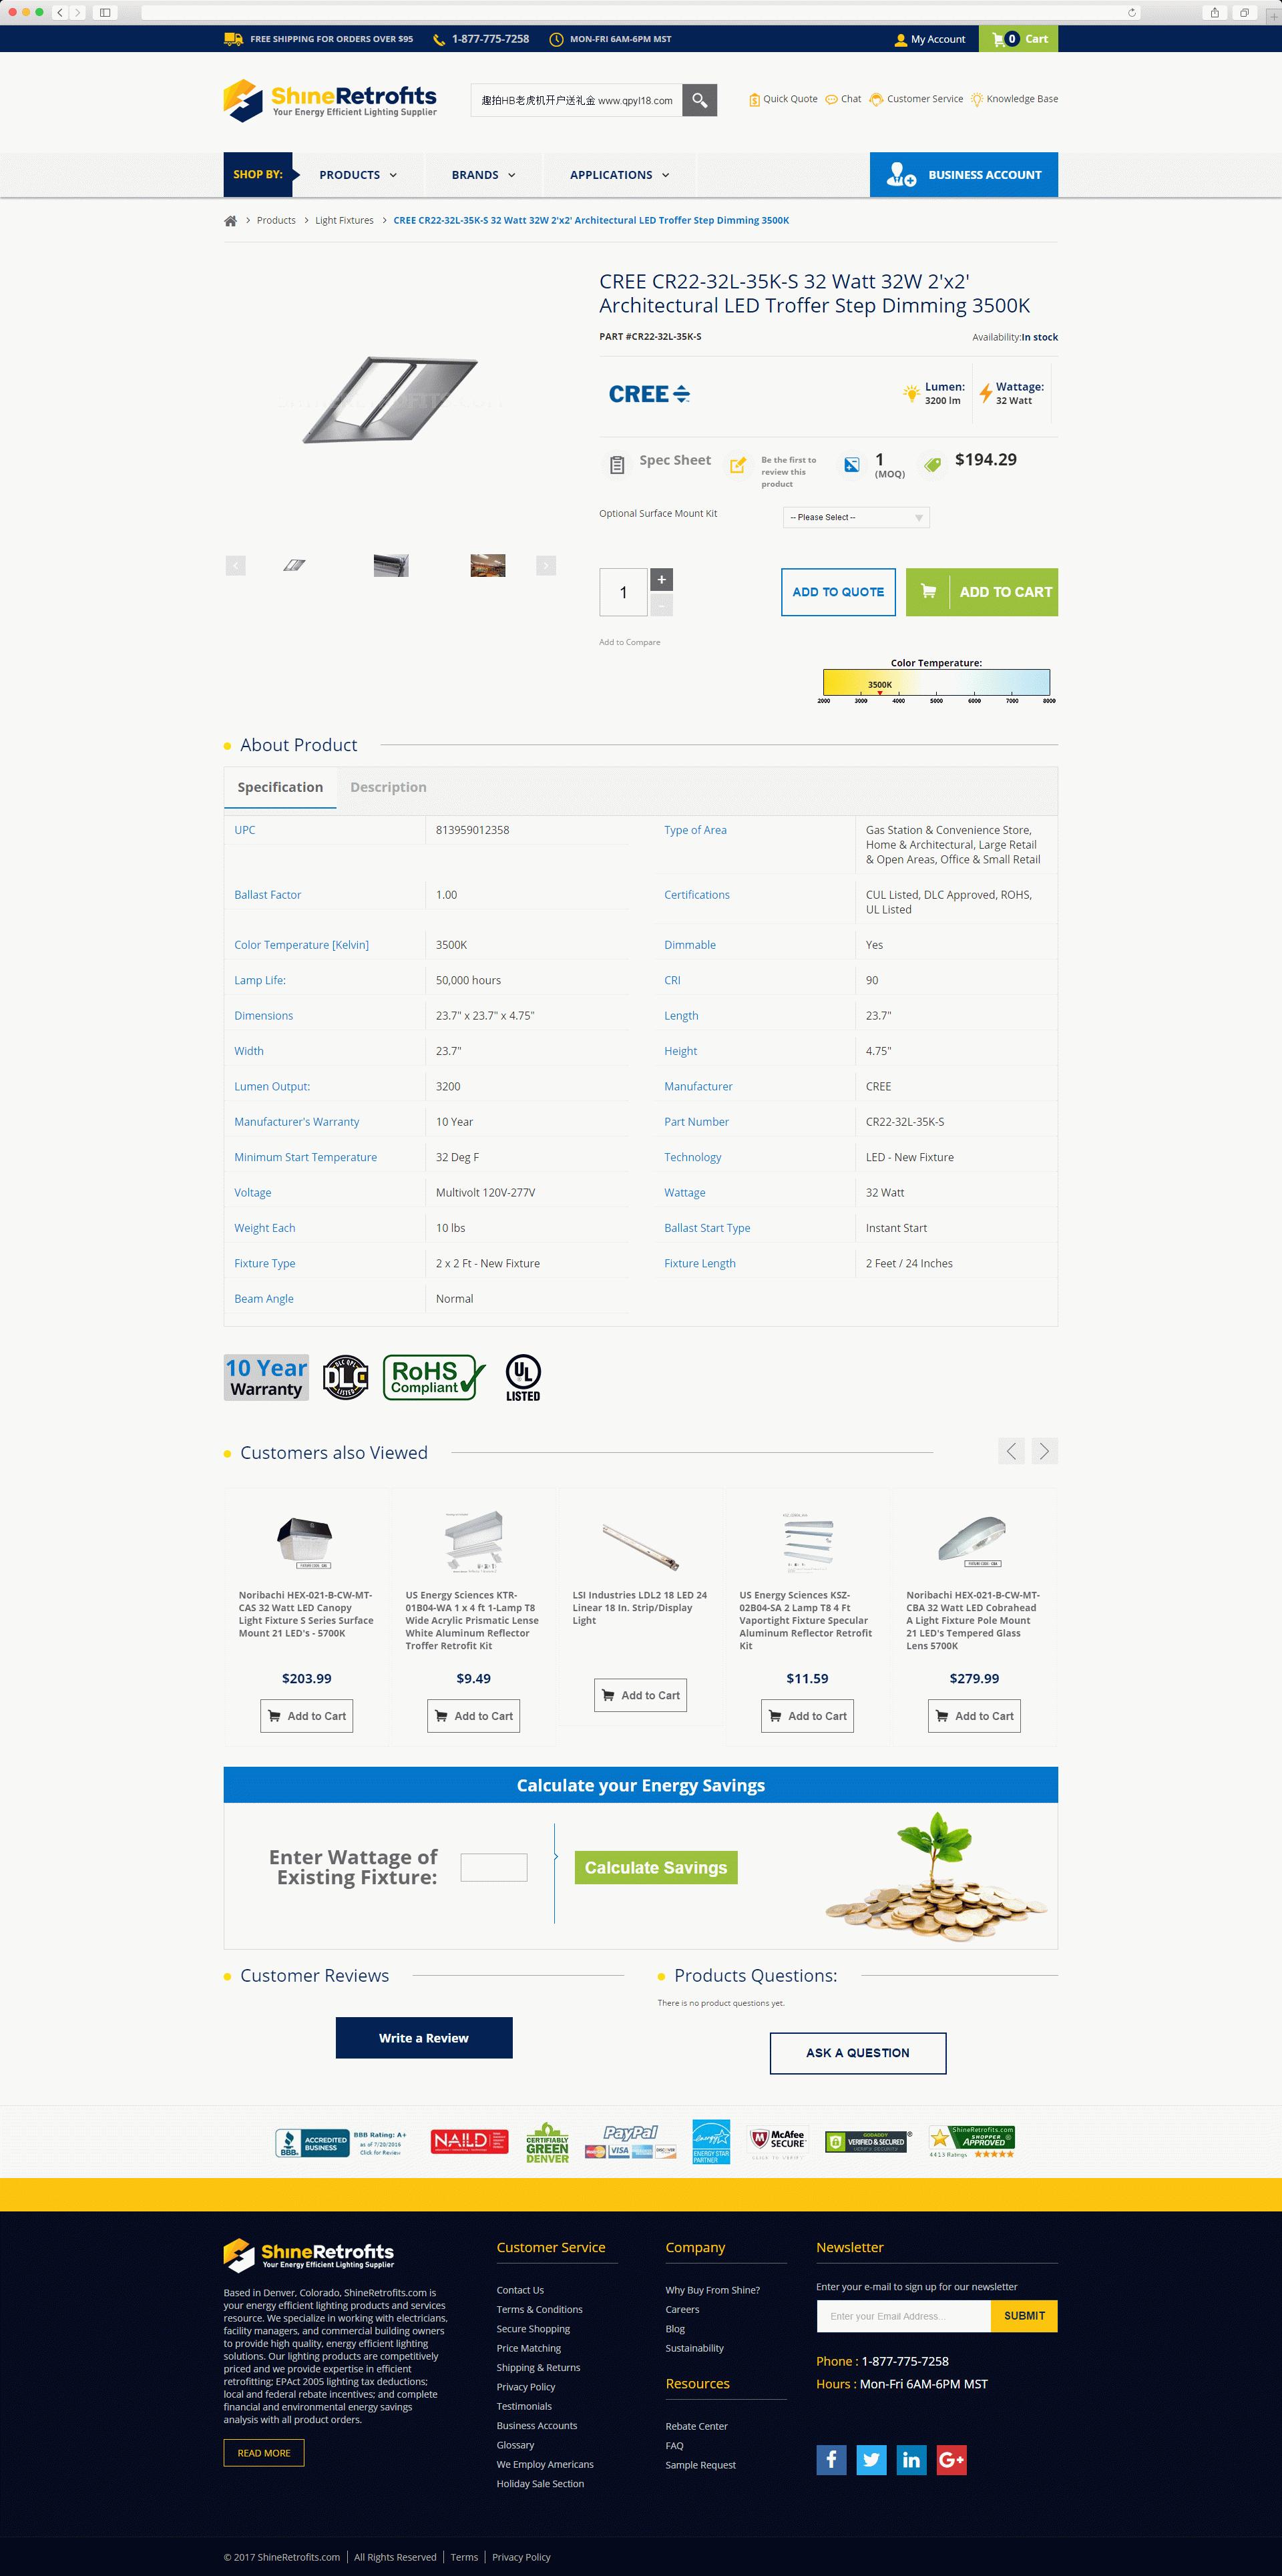 shineretrofits_product